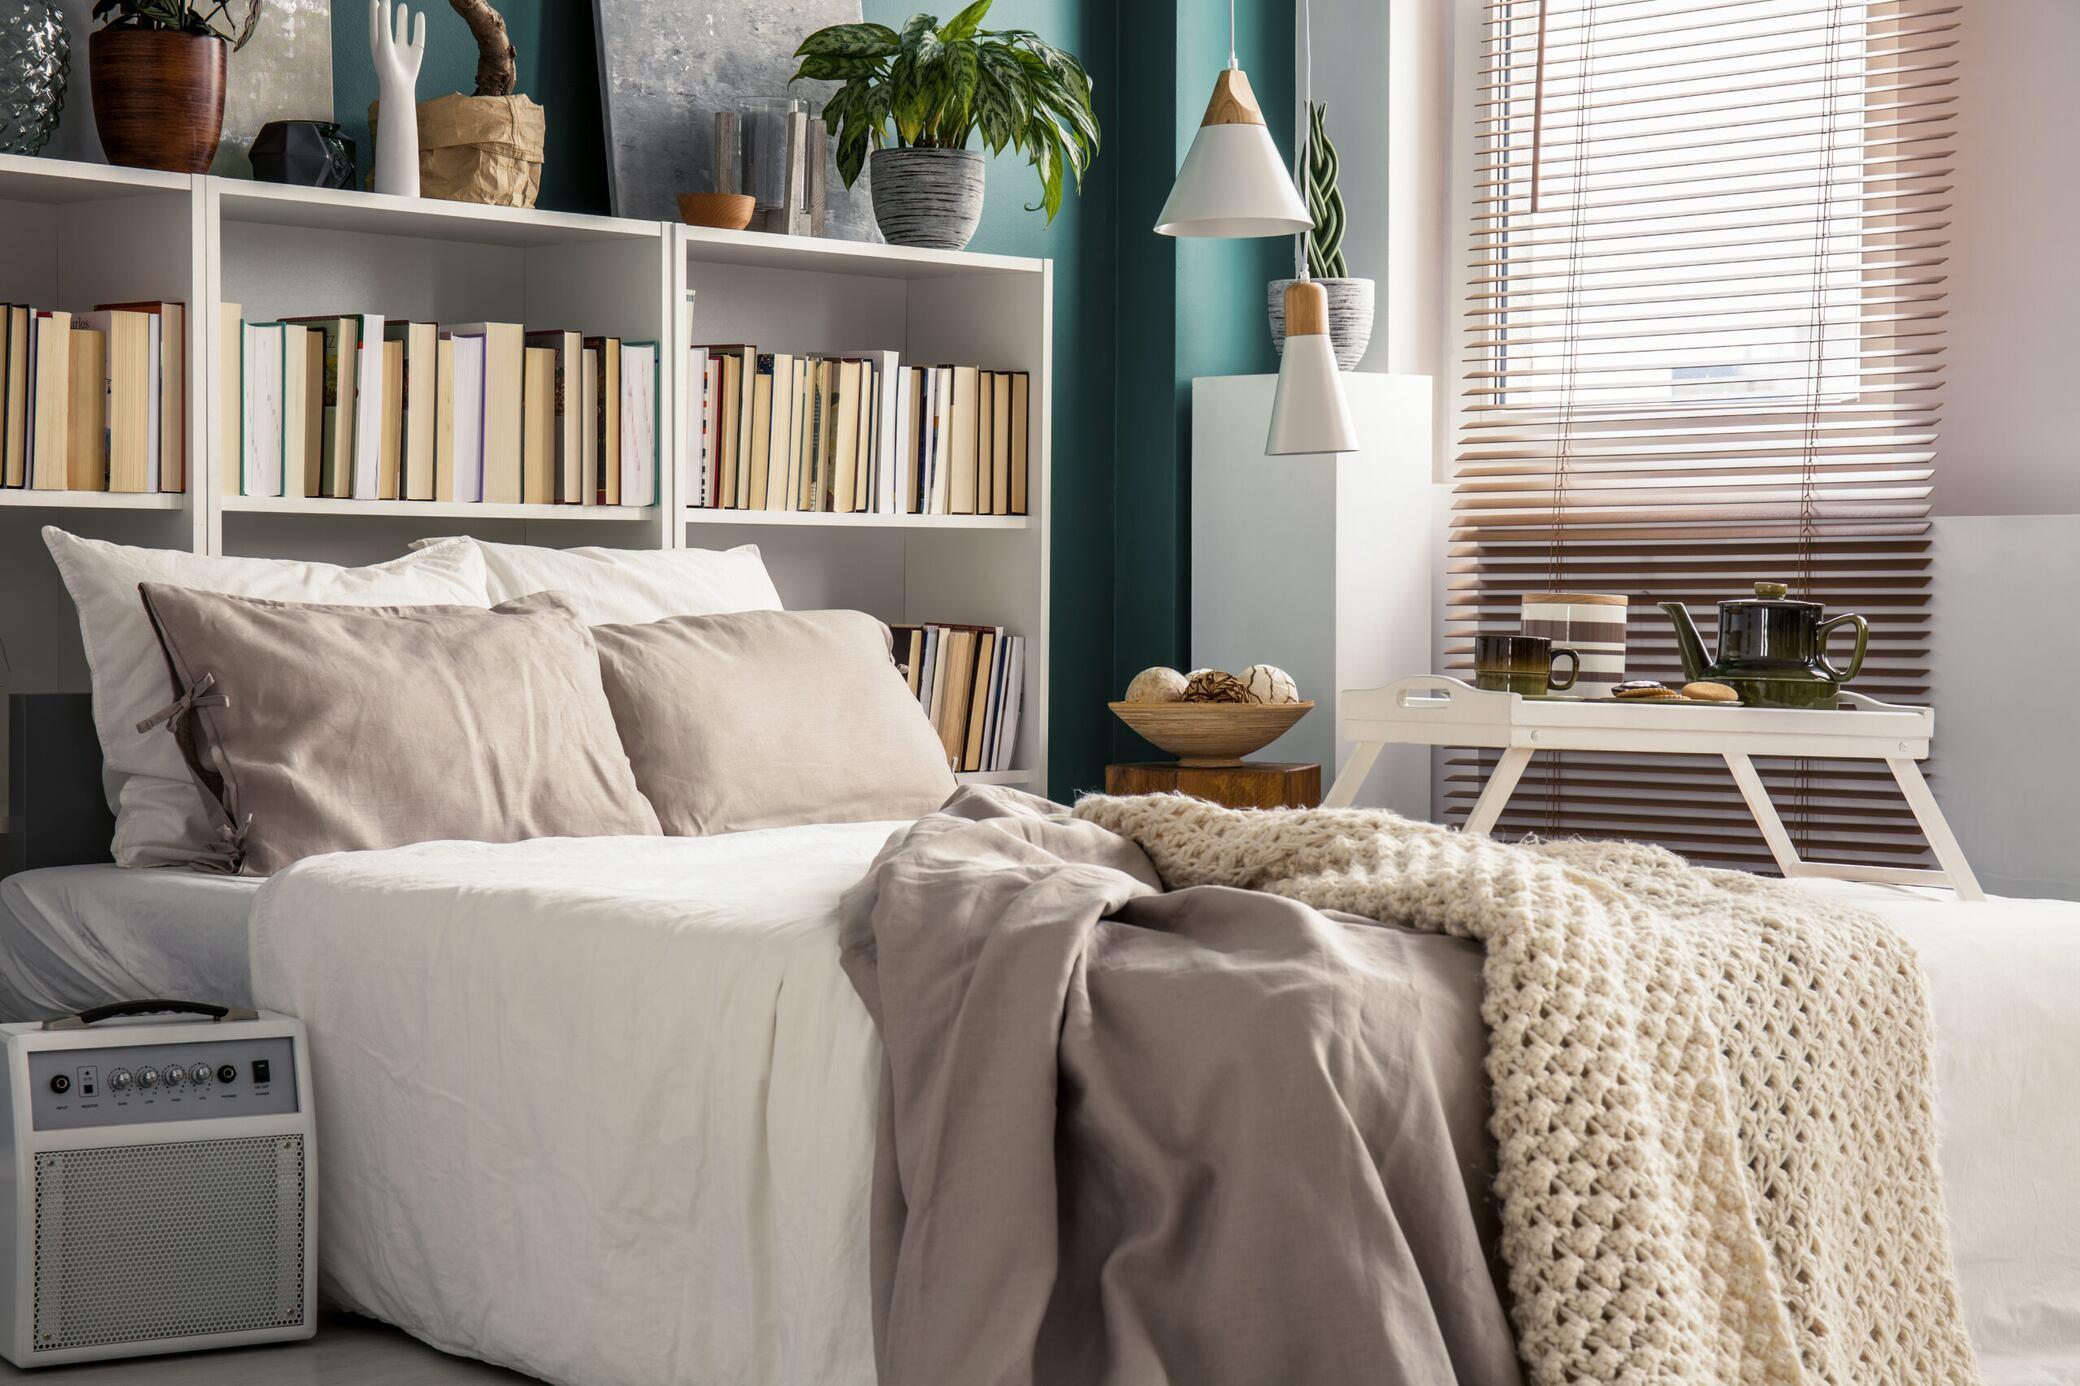 Zu wenig Platz? Mit diesen 7 Tipps vergrößern Sie Ihr kleines Schlafzimmer